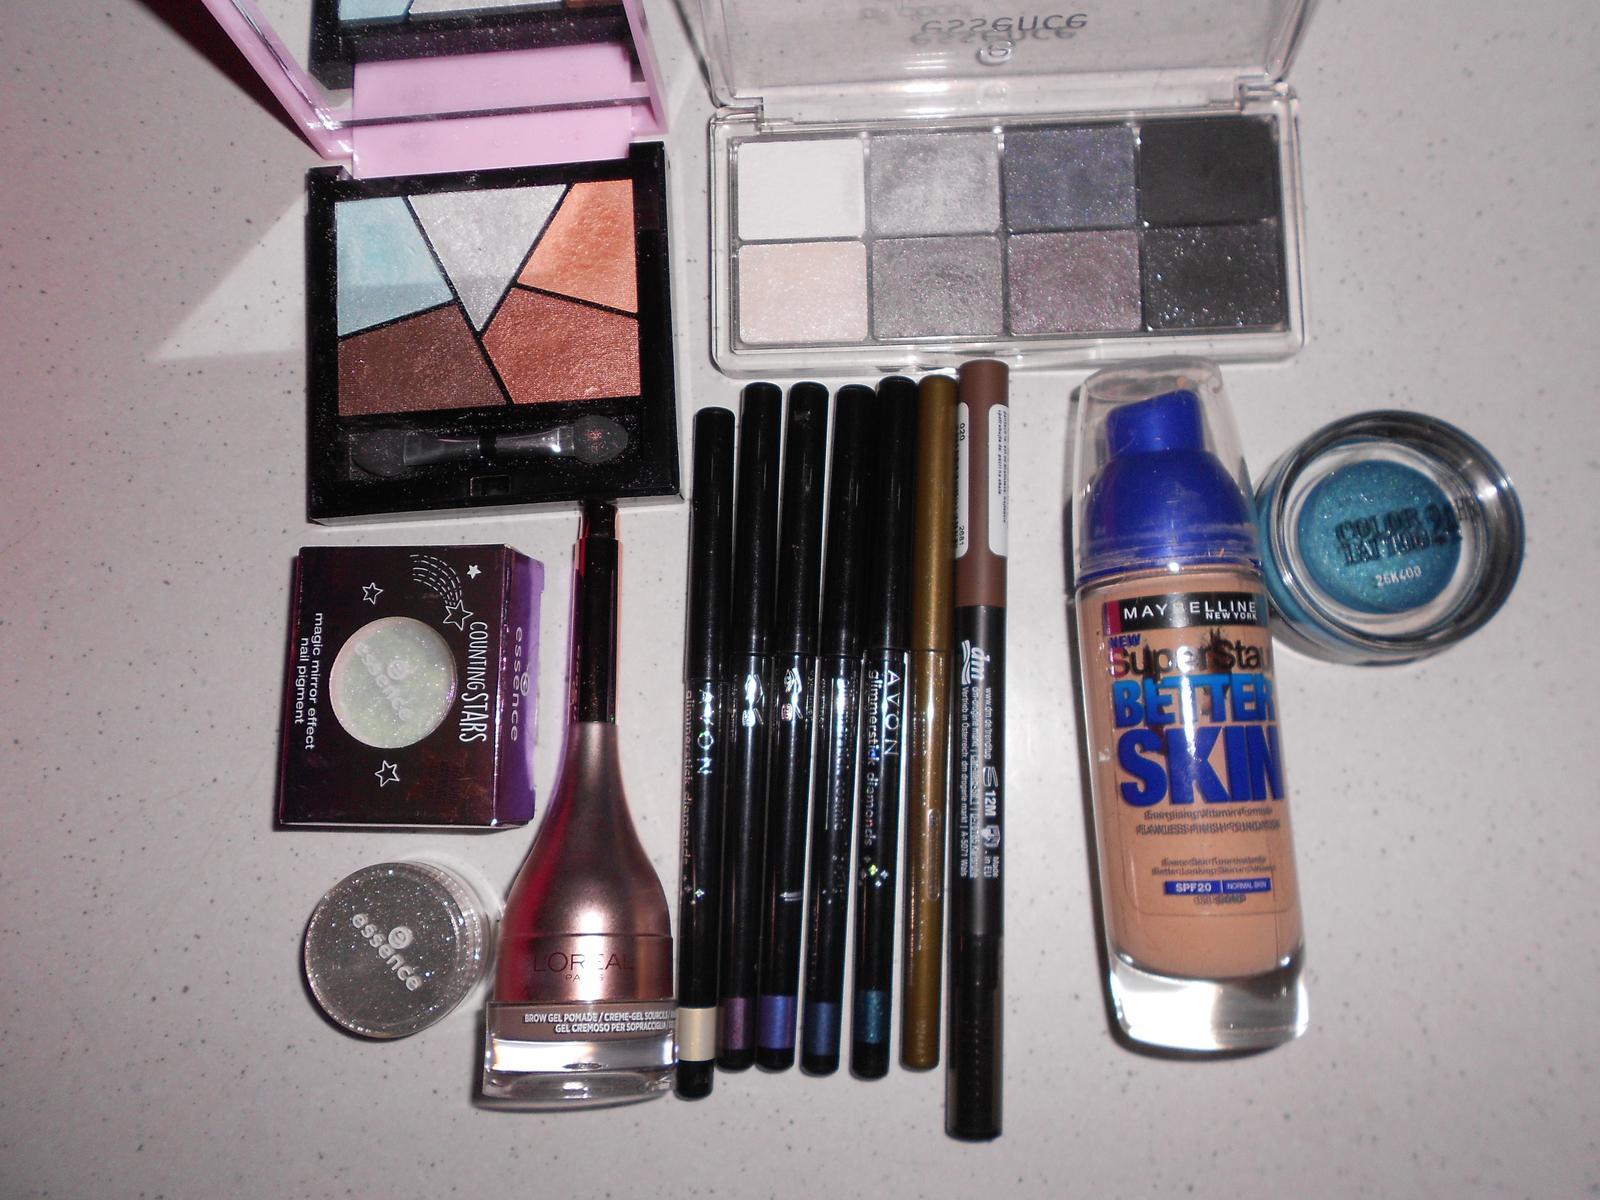 kozmetika - Obrázok č. 1